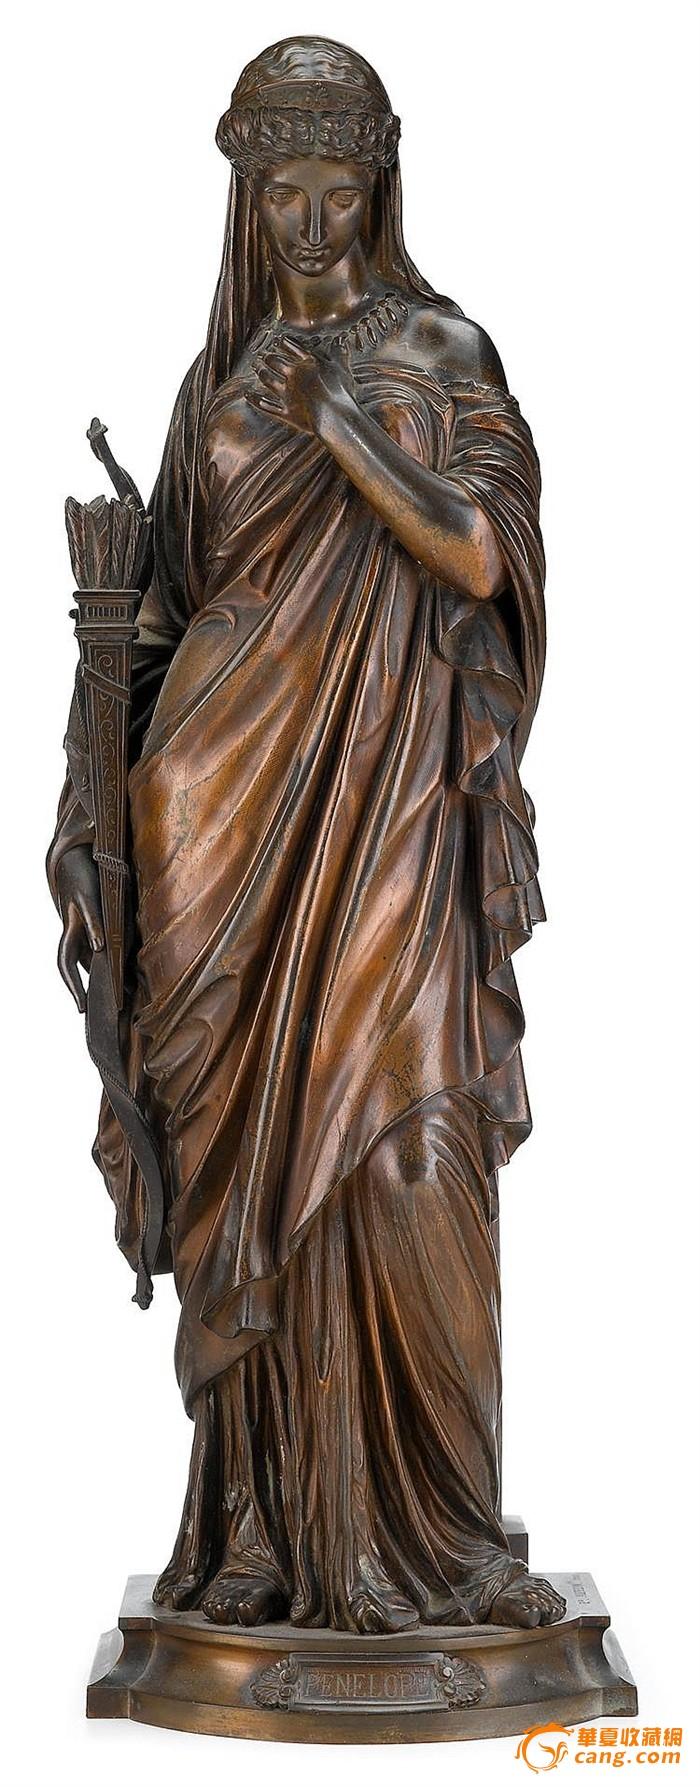 19世纪法国雕塑大师eugene aizelin铜雕作品